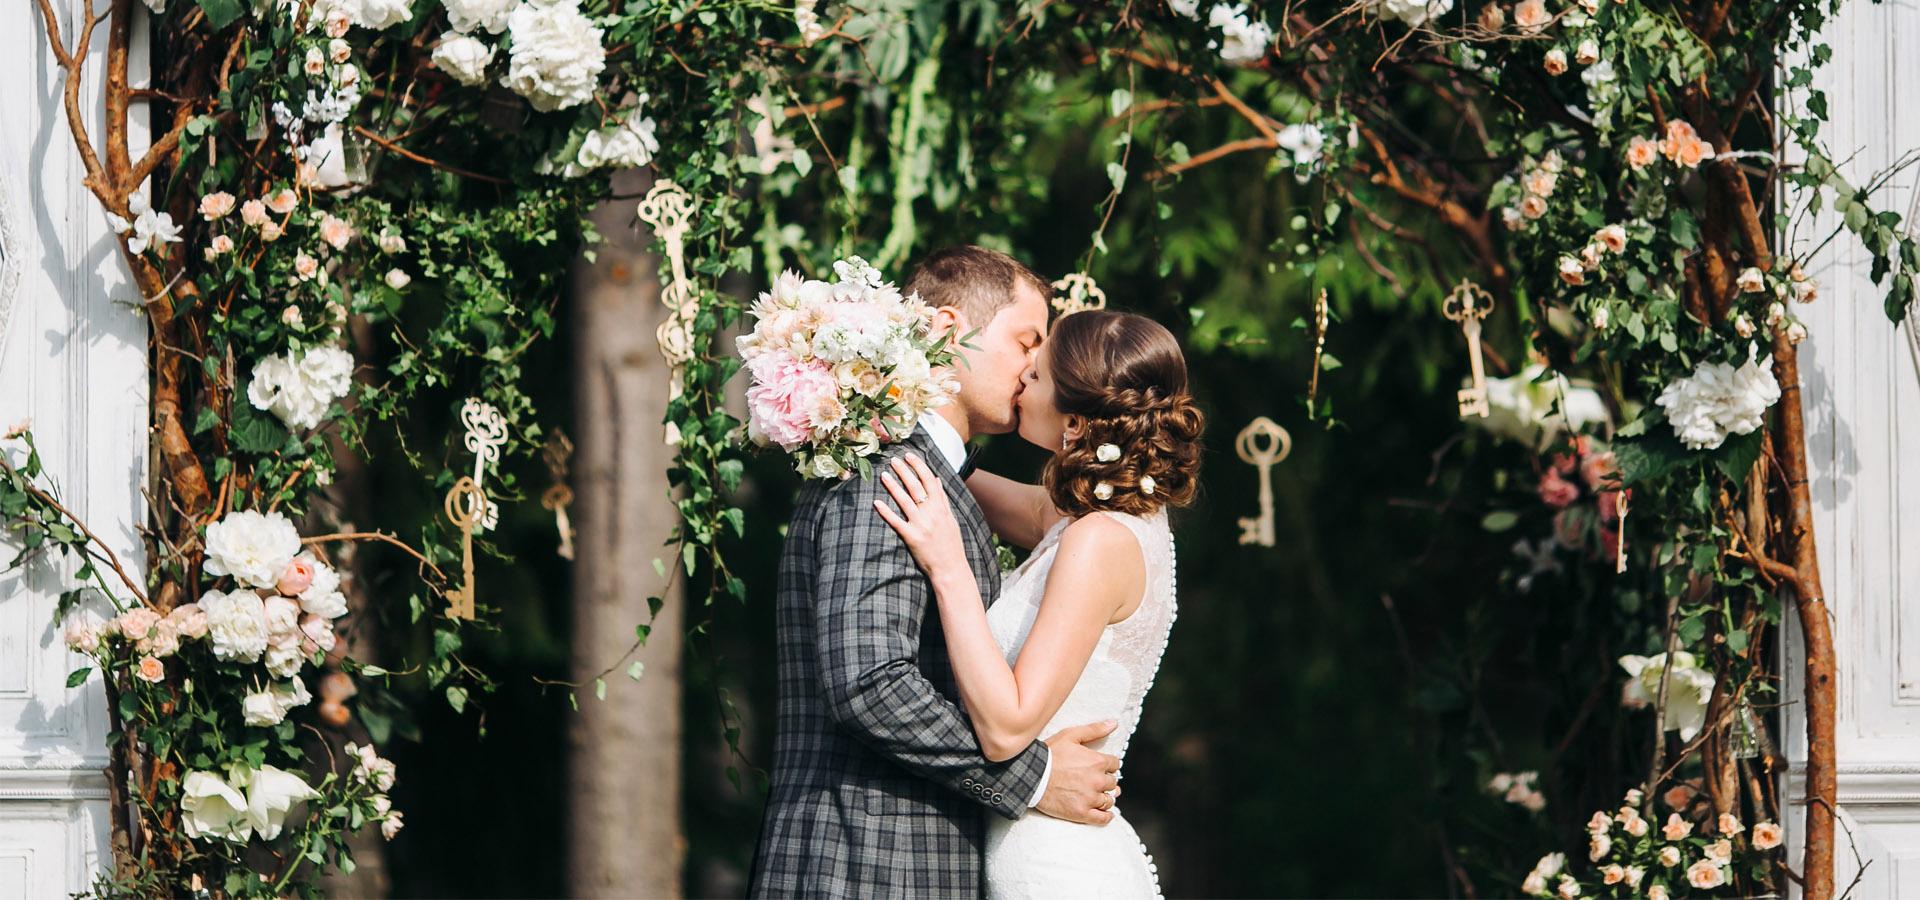 Весенняя или летняя свадьба в саду - что нужно знать